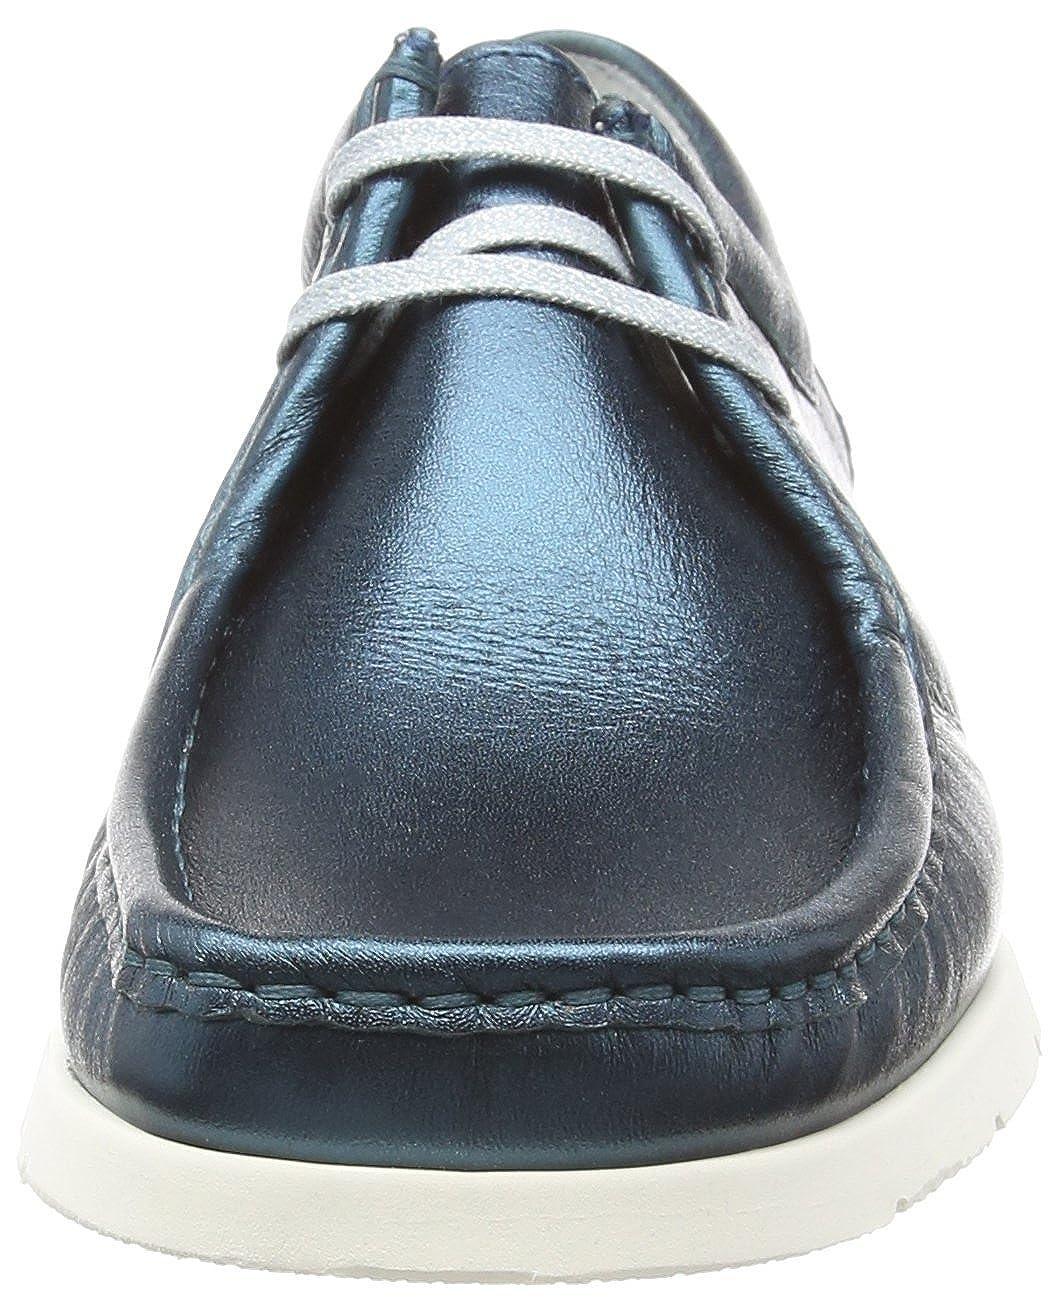 Sioux Damen (Cobalto) Grashopper-d-141 Macas Mokassin Blau (Cobalto) Damen 2a646e